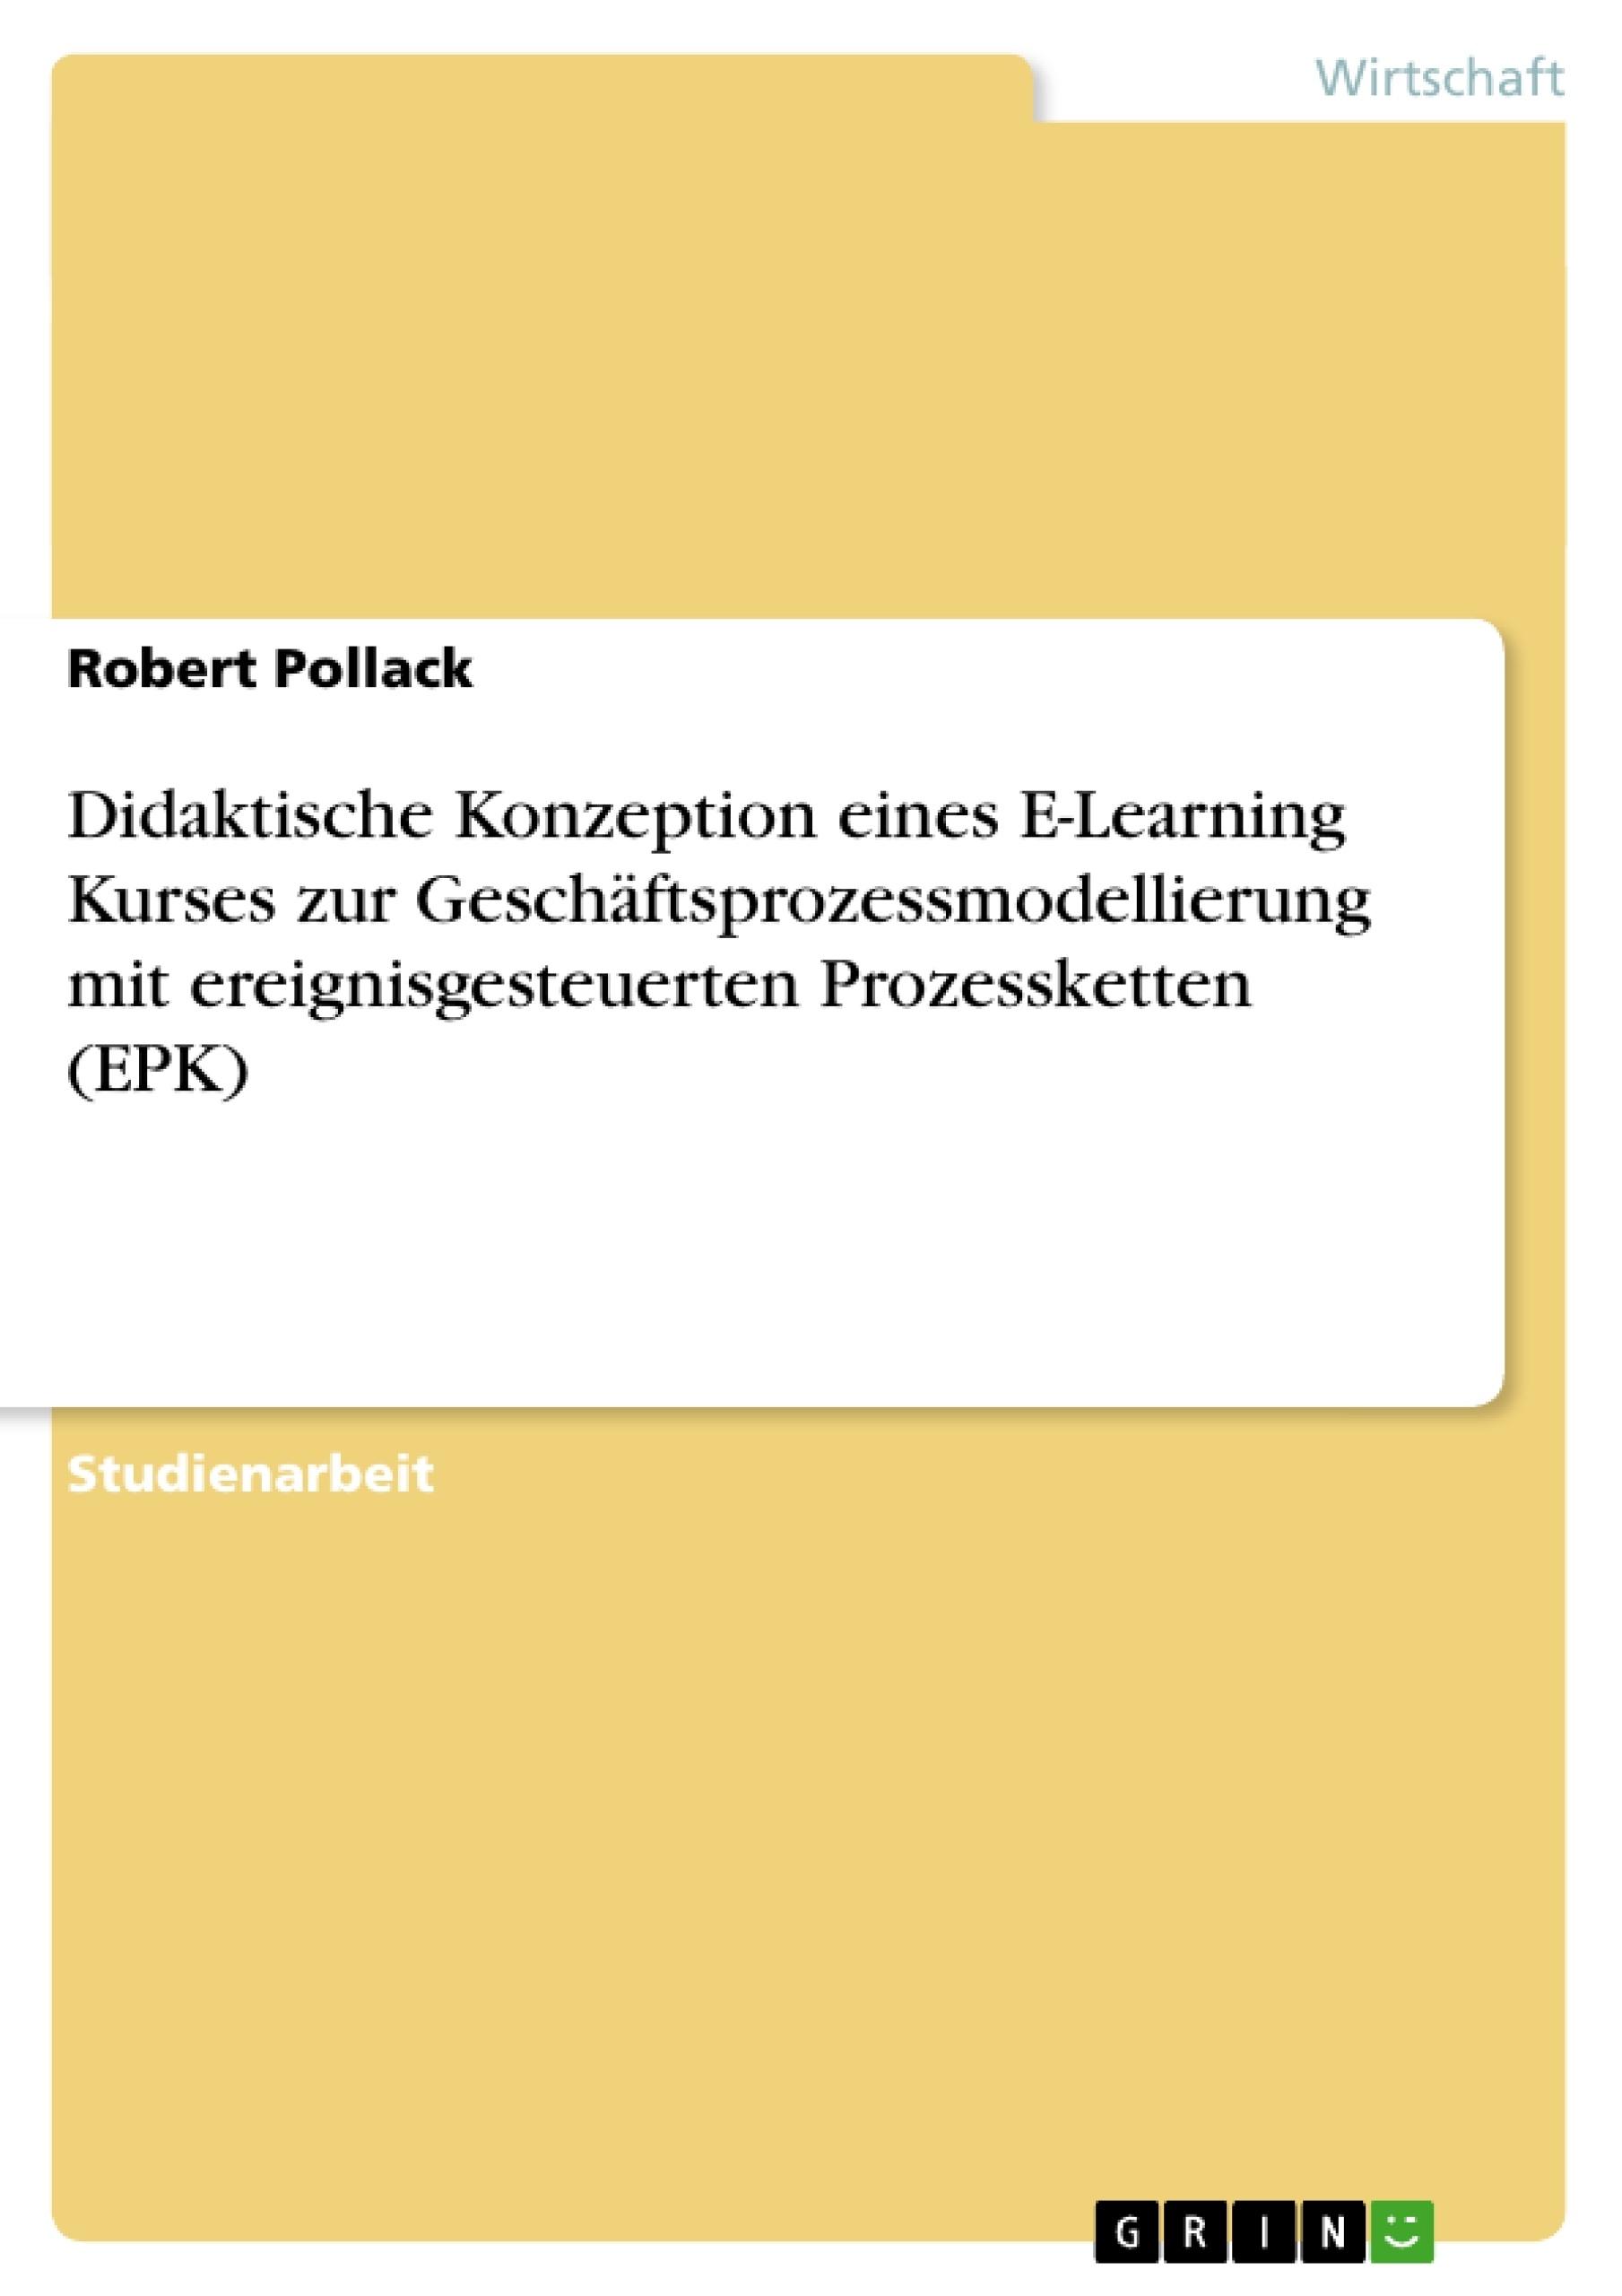 Titel: Didaktische Konzeption eines E-Learning Kurses zur Geschäftsprozessmodellierung mit ereignisgesteuerten Prozessketten (EPK)